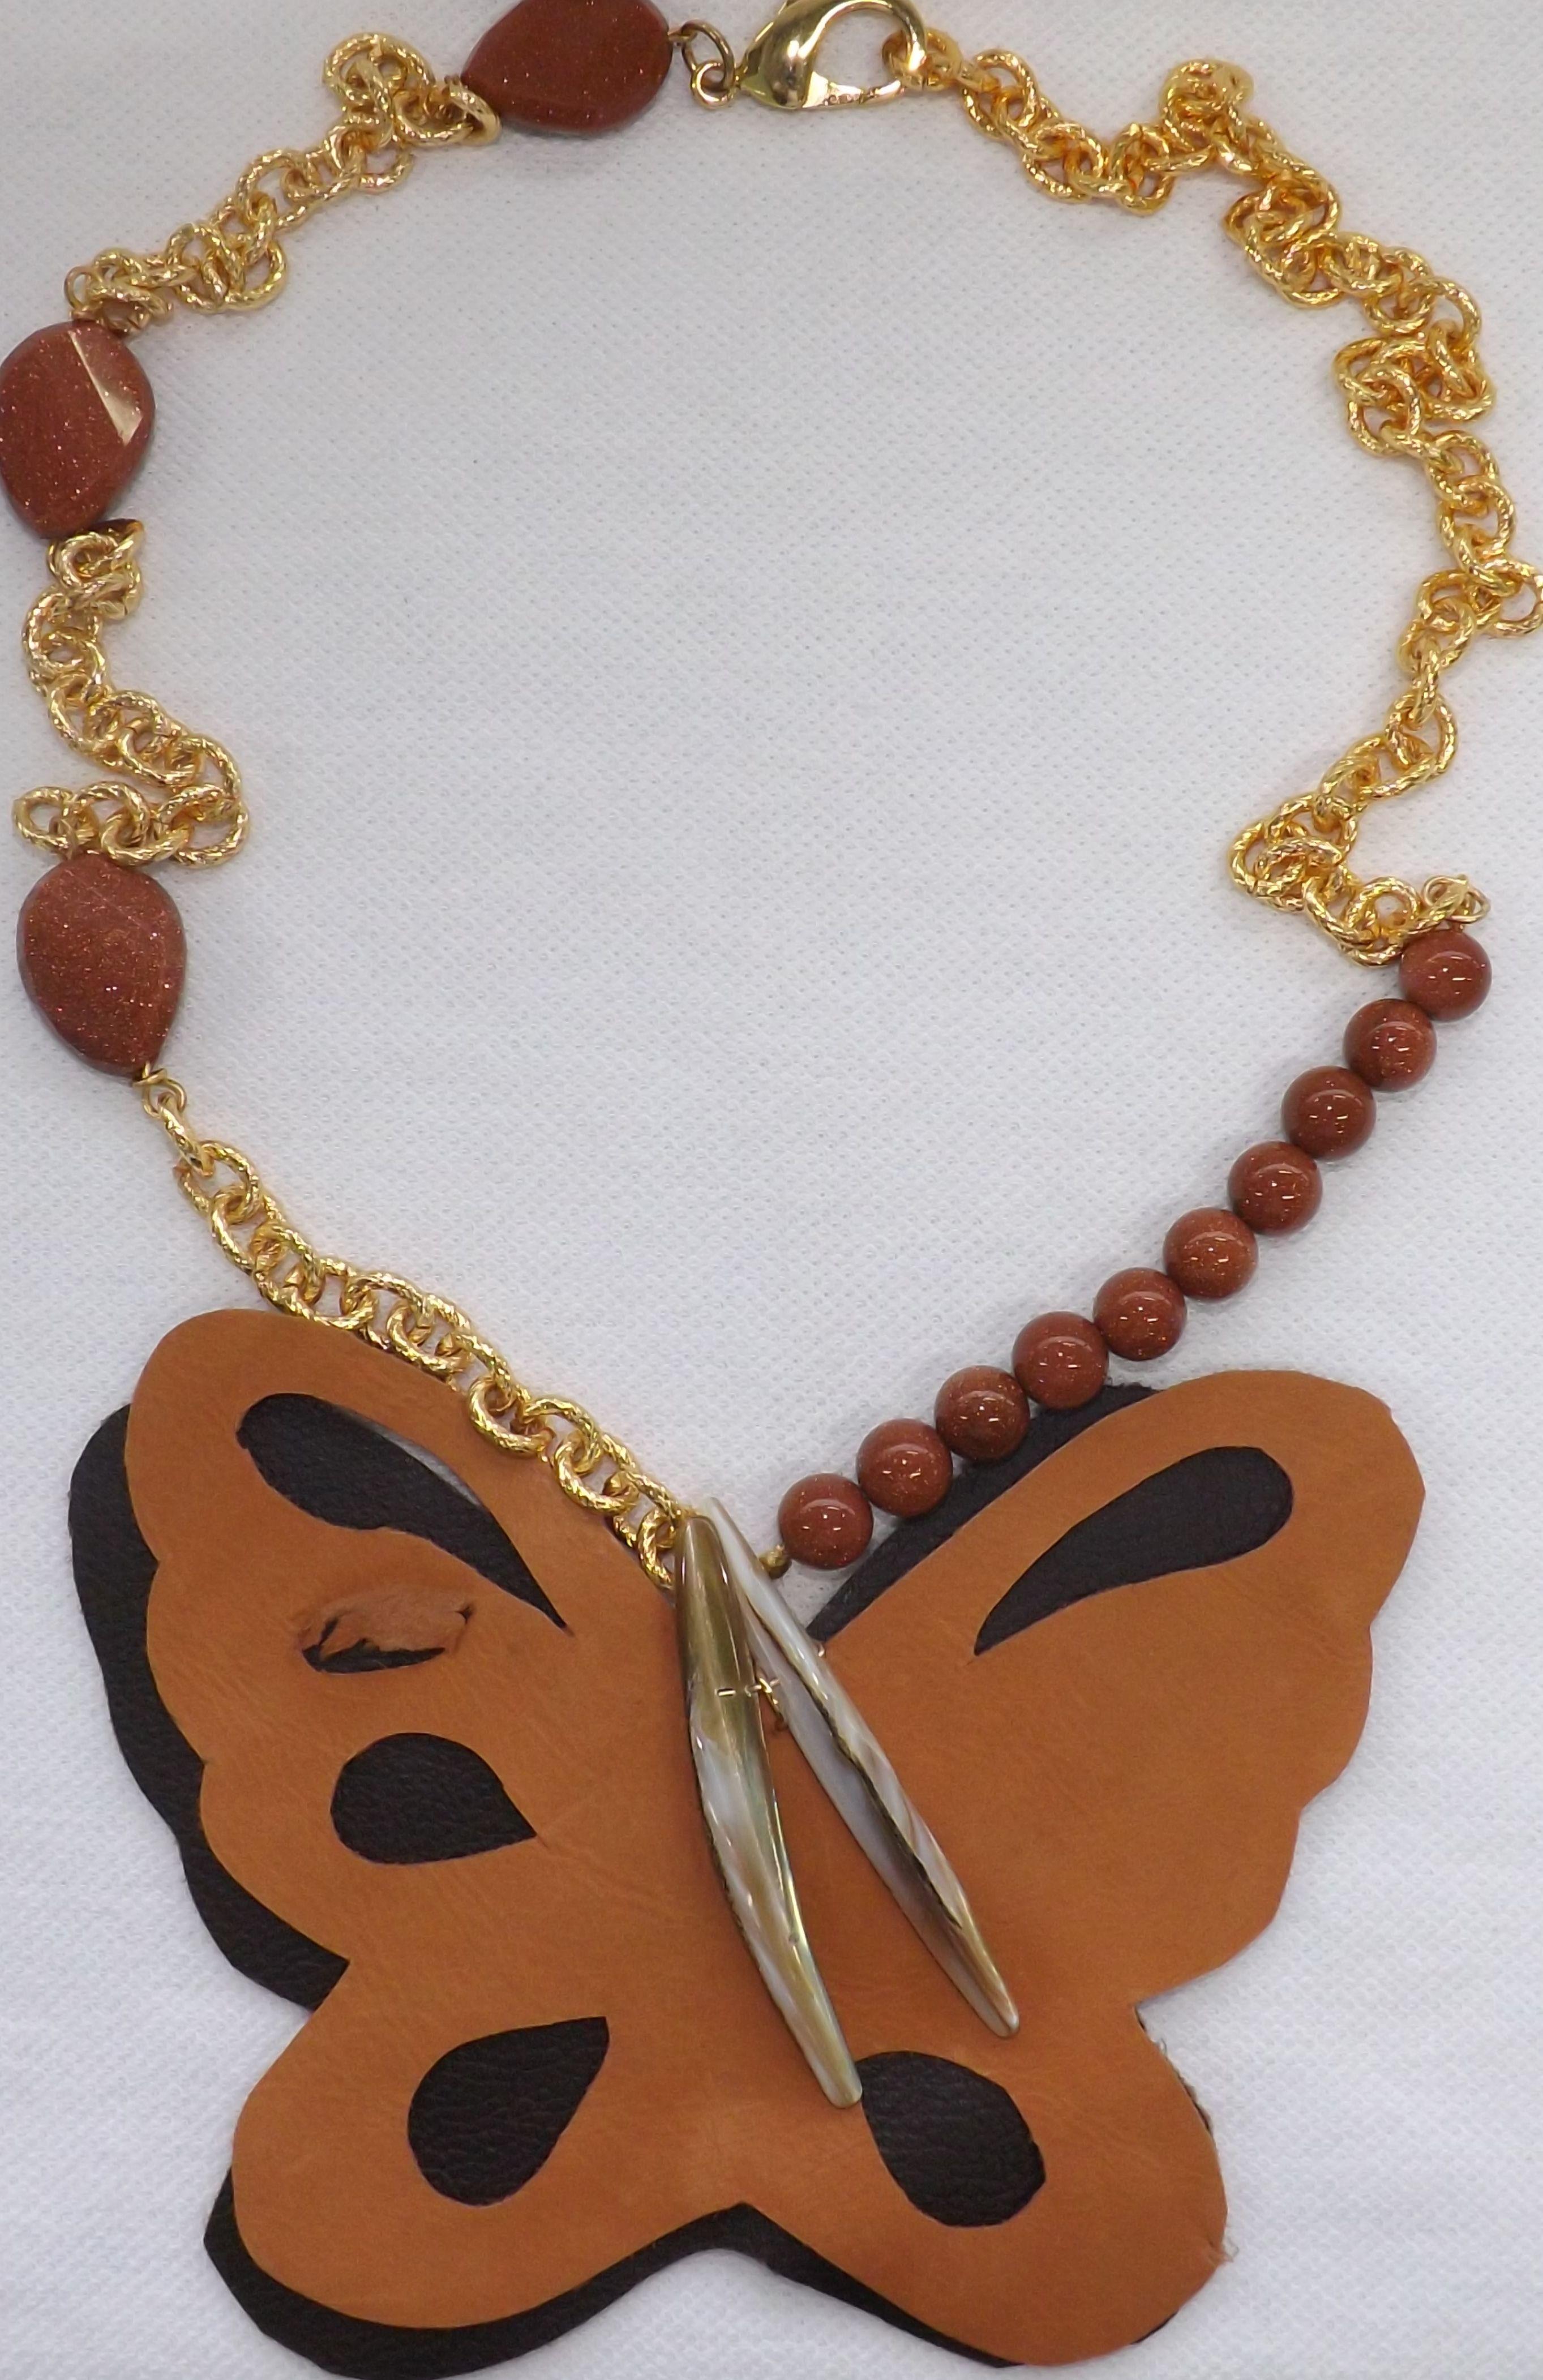 25c84938bd79 Collar de lluvia de oro con cuero en dos tonos y cadena en oro laminado.